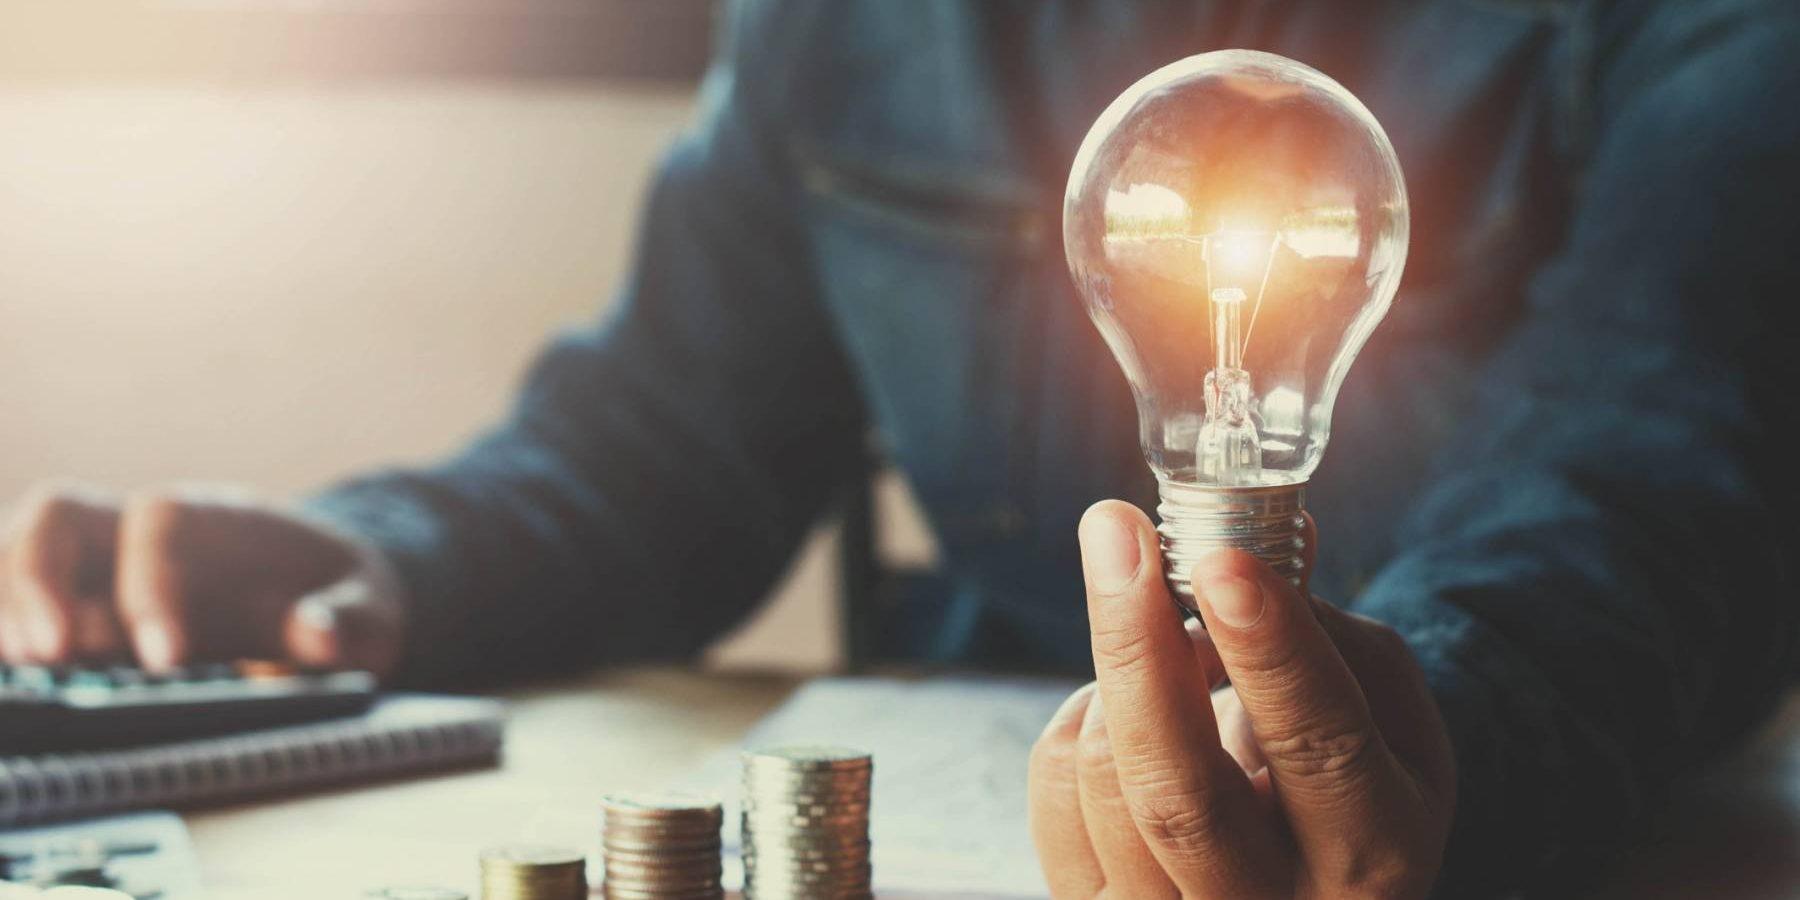 Bônus Energia de R$ 10 milhões será creditado para os associados da Certel